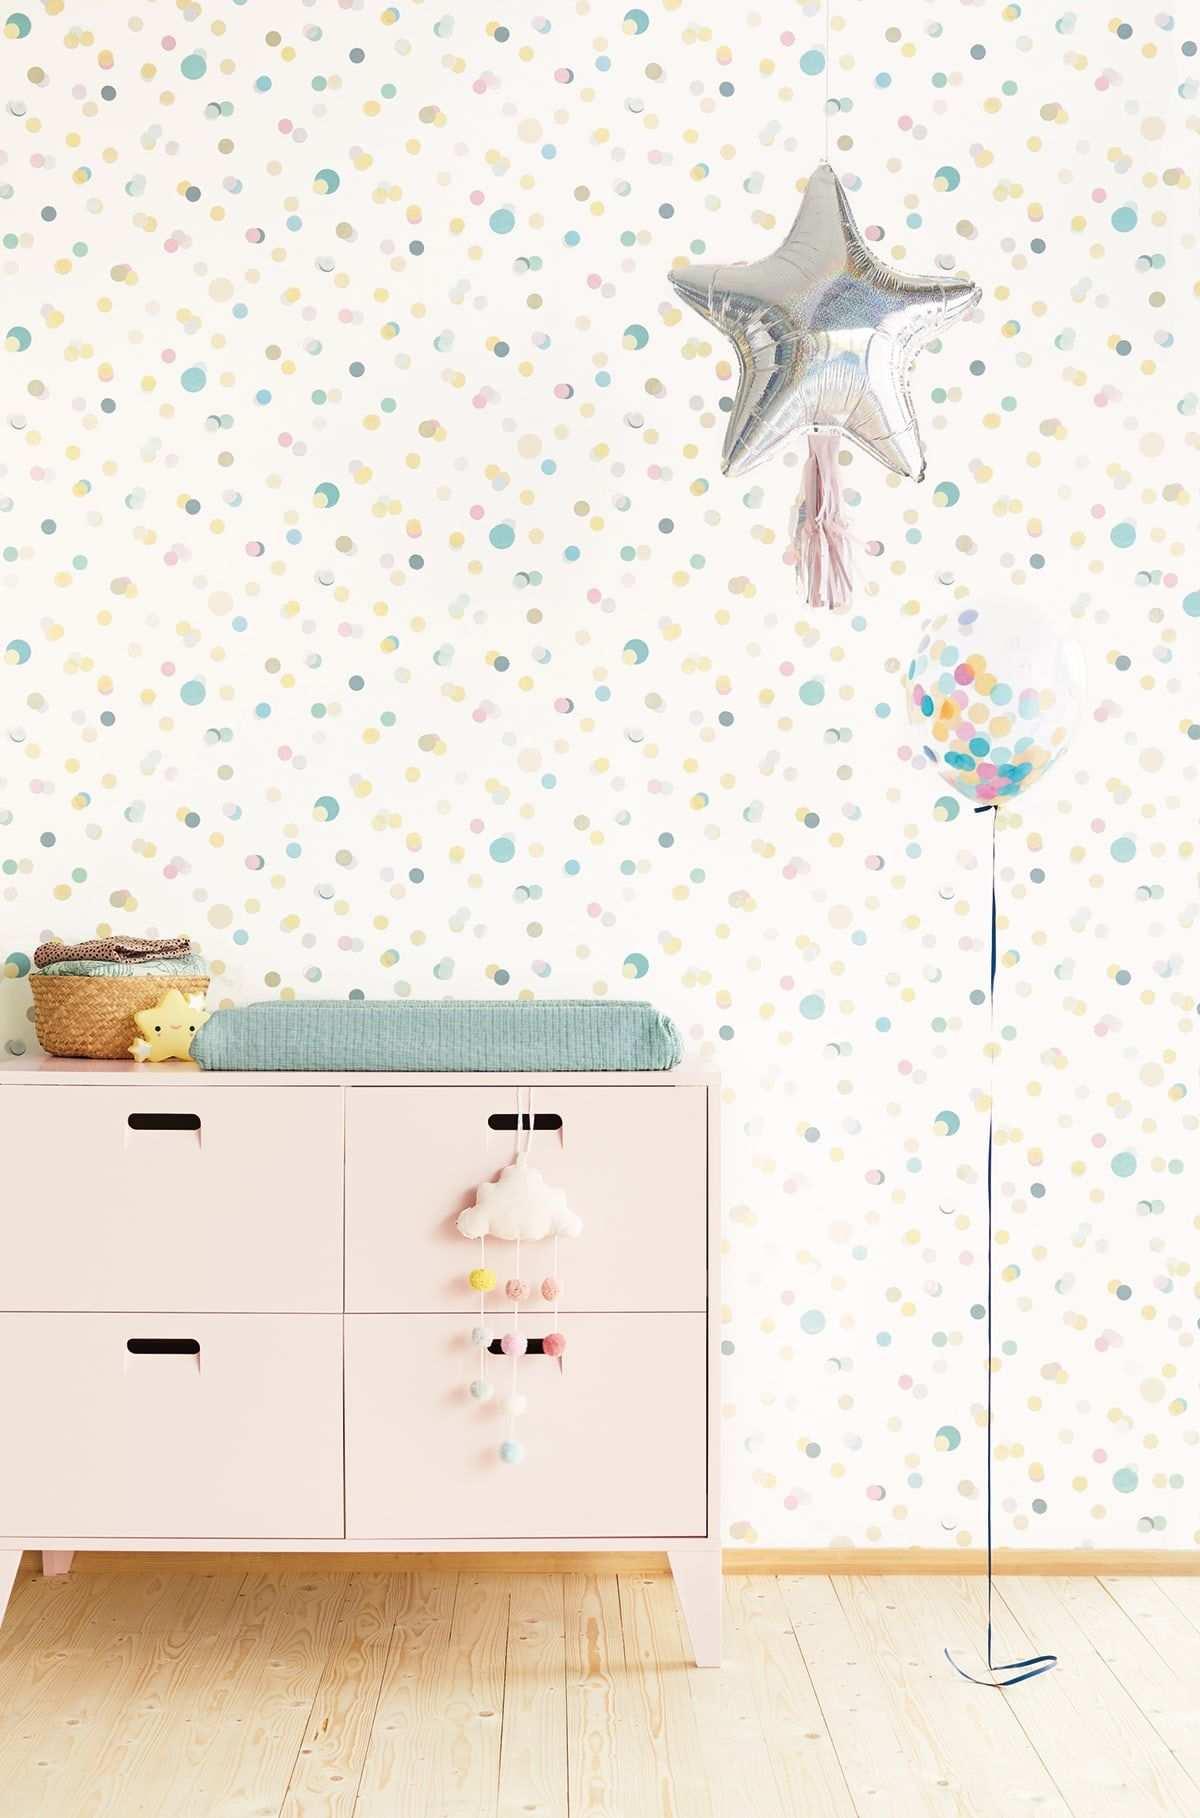 Tapete Confetti Blau Von Eijffinger Fur Das Bunte Kinderzimmer Kinderzimmer Muster Kinder Tapete Tapeten